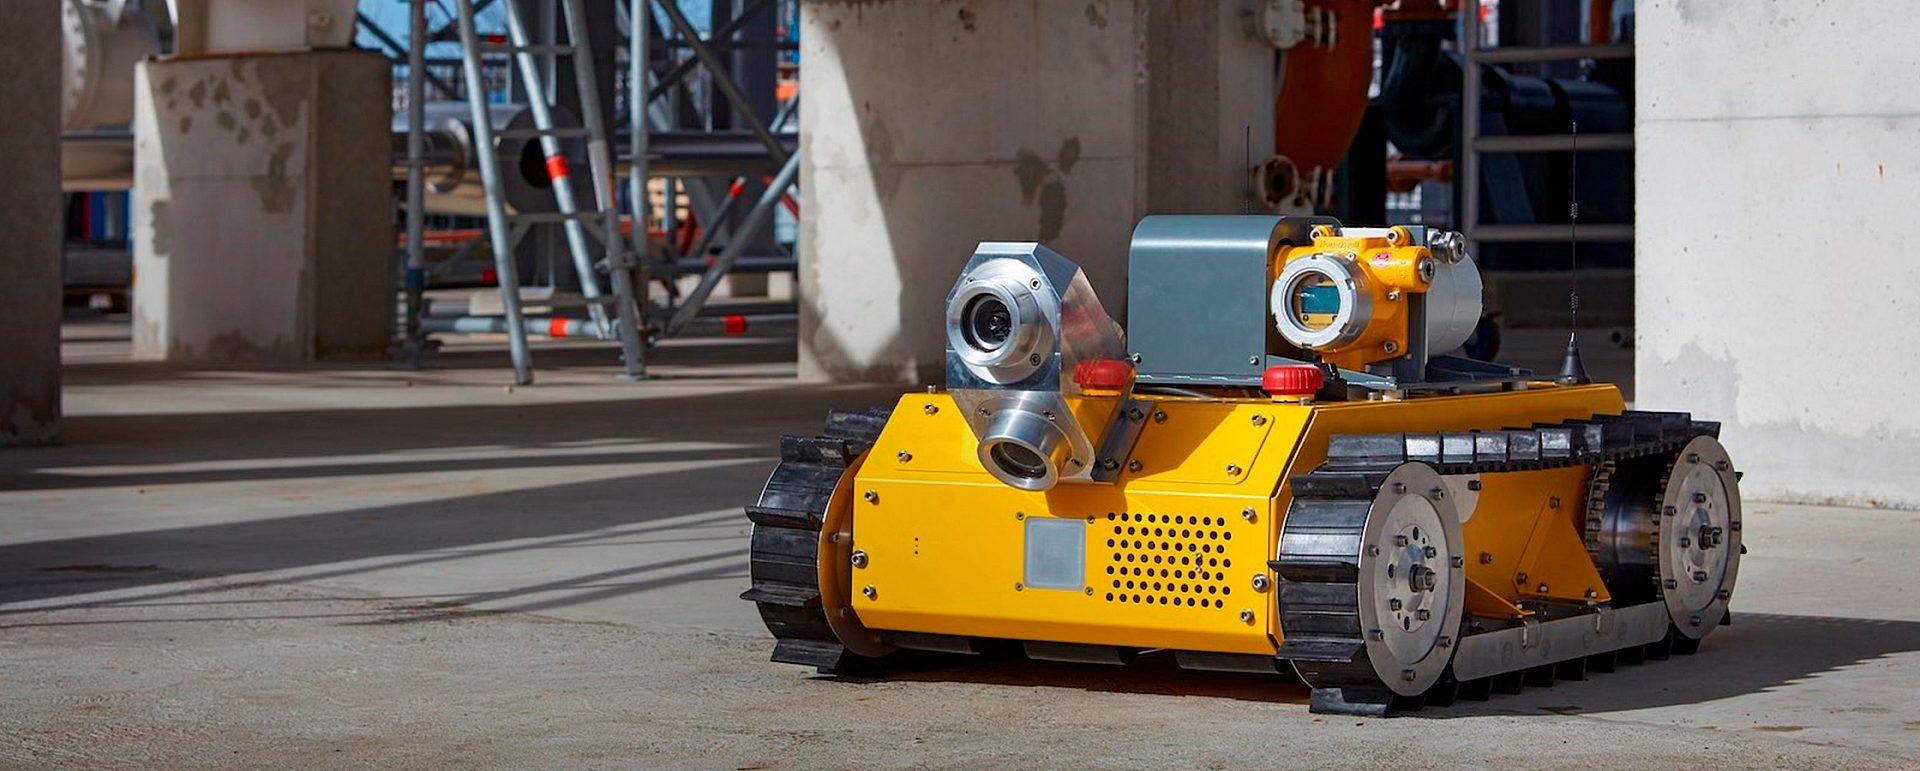 Kpniot case Ex Robotics header